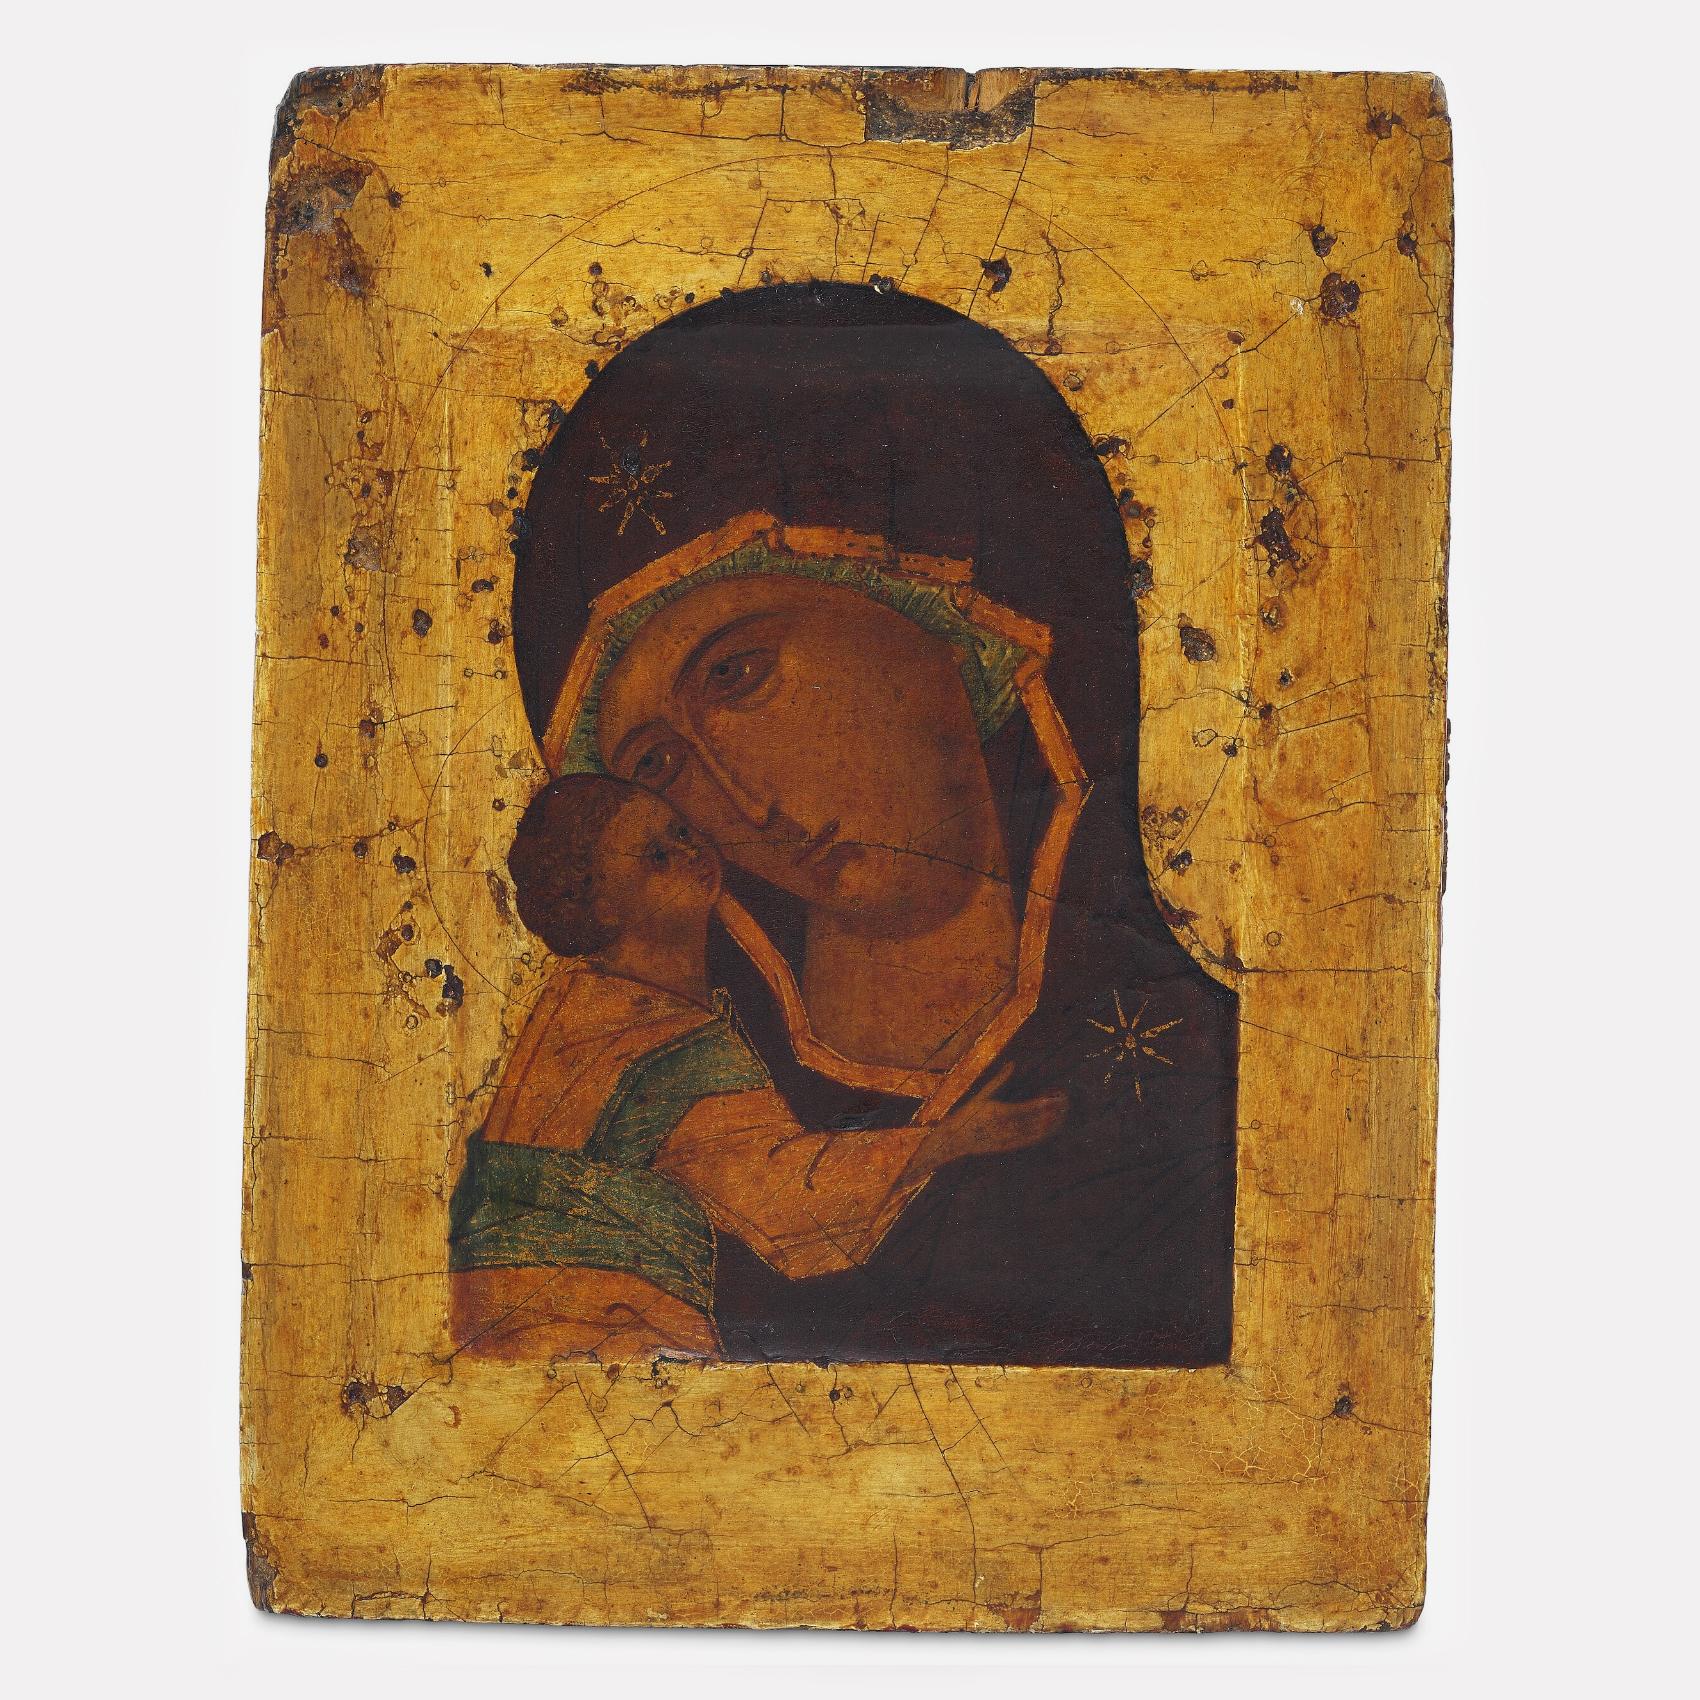 Икона Владимирской Богоматери, 16 век, Новгородская школа